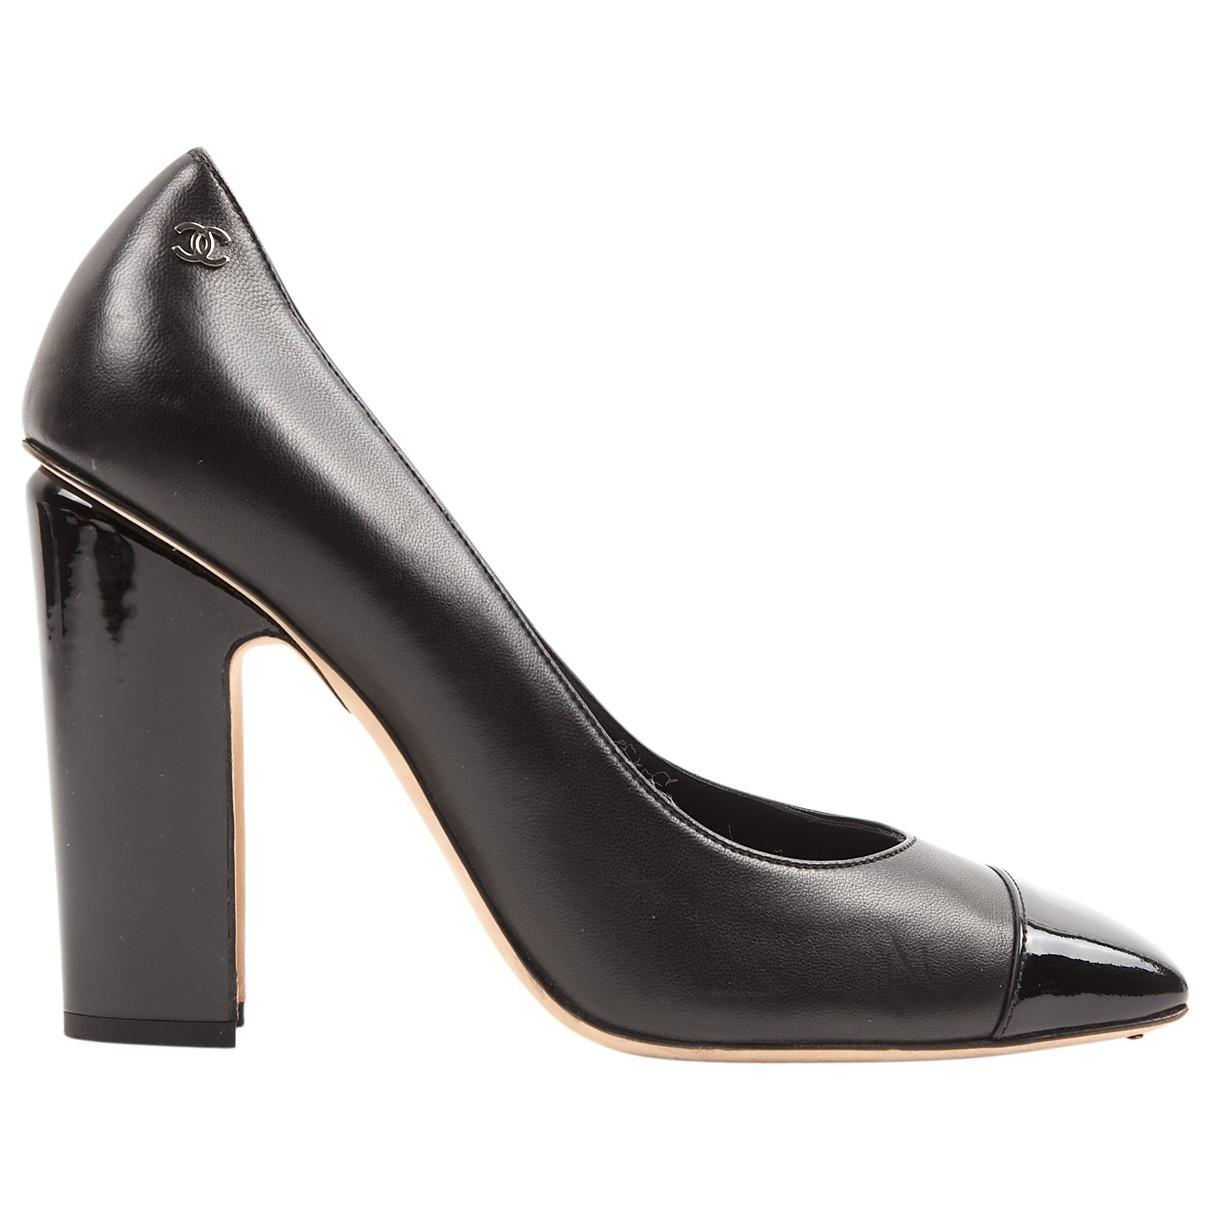 Chanel \N Black Leather Heels for Women 39.5 EU